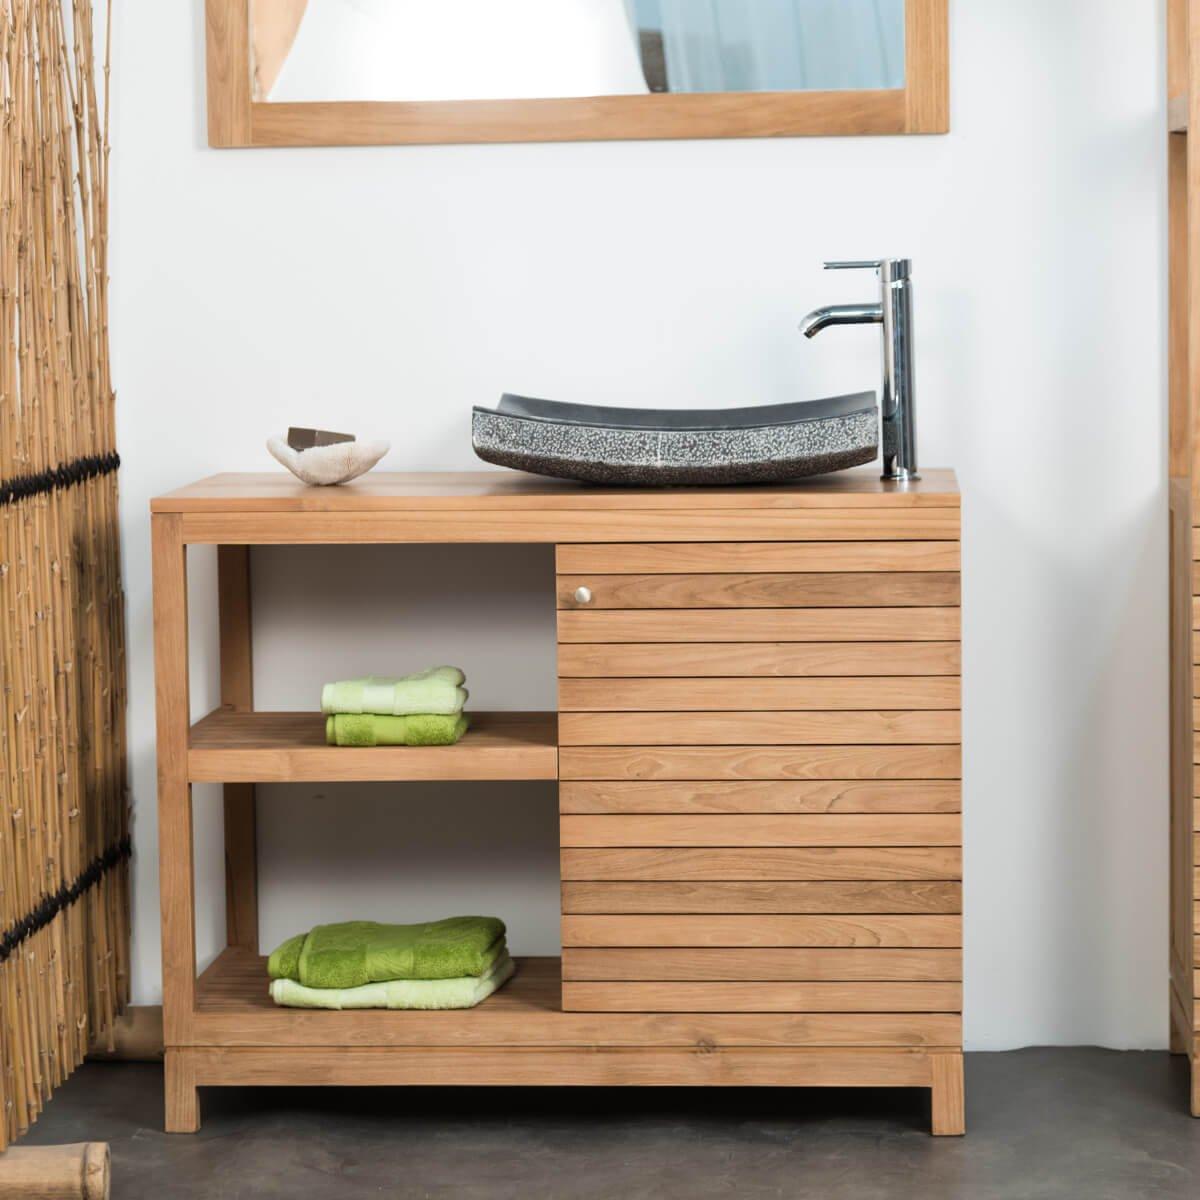 wanda collection Mueble de Teca para Cuarto de baño COURCHEVEL 100: Amazon.es: Hogar